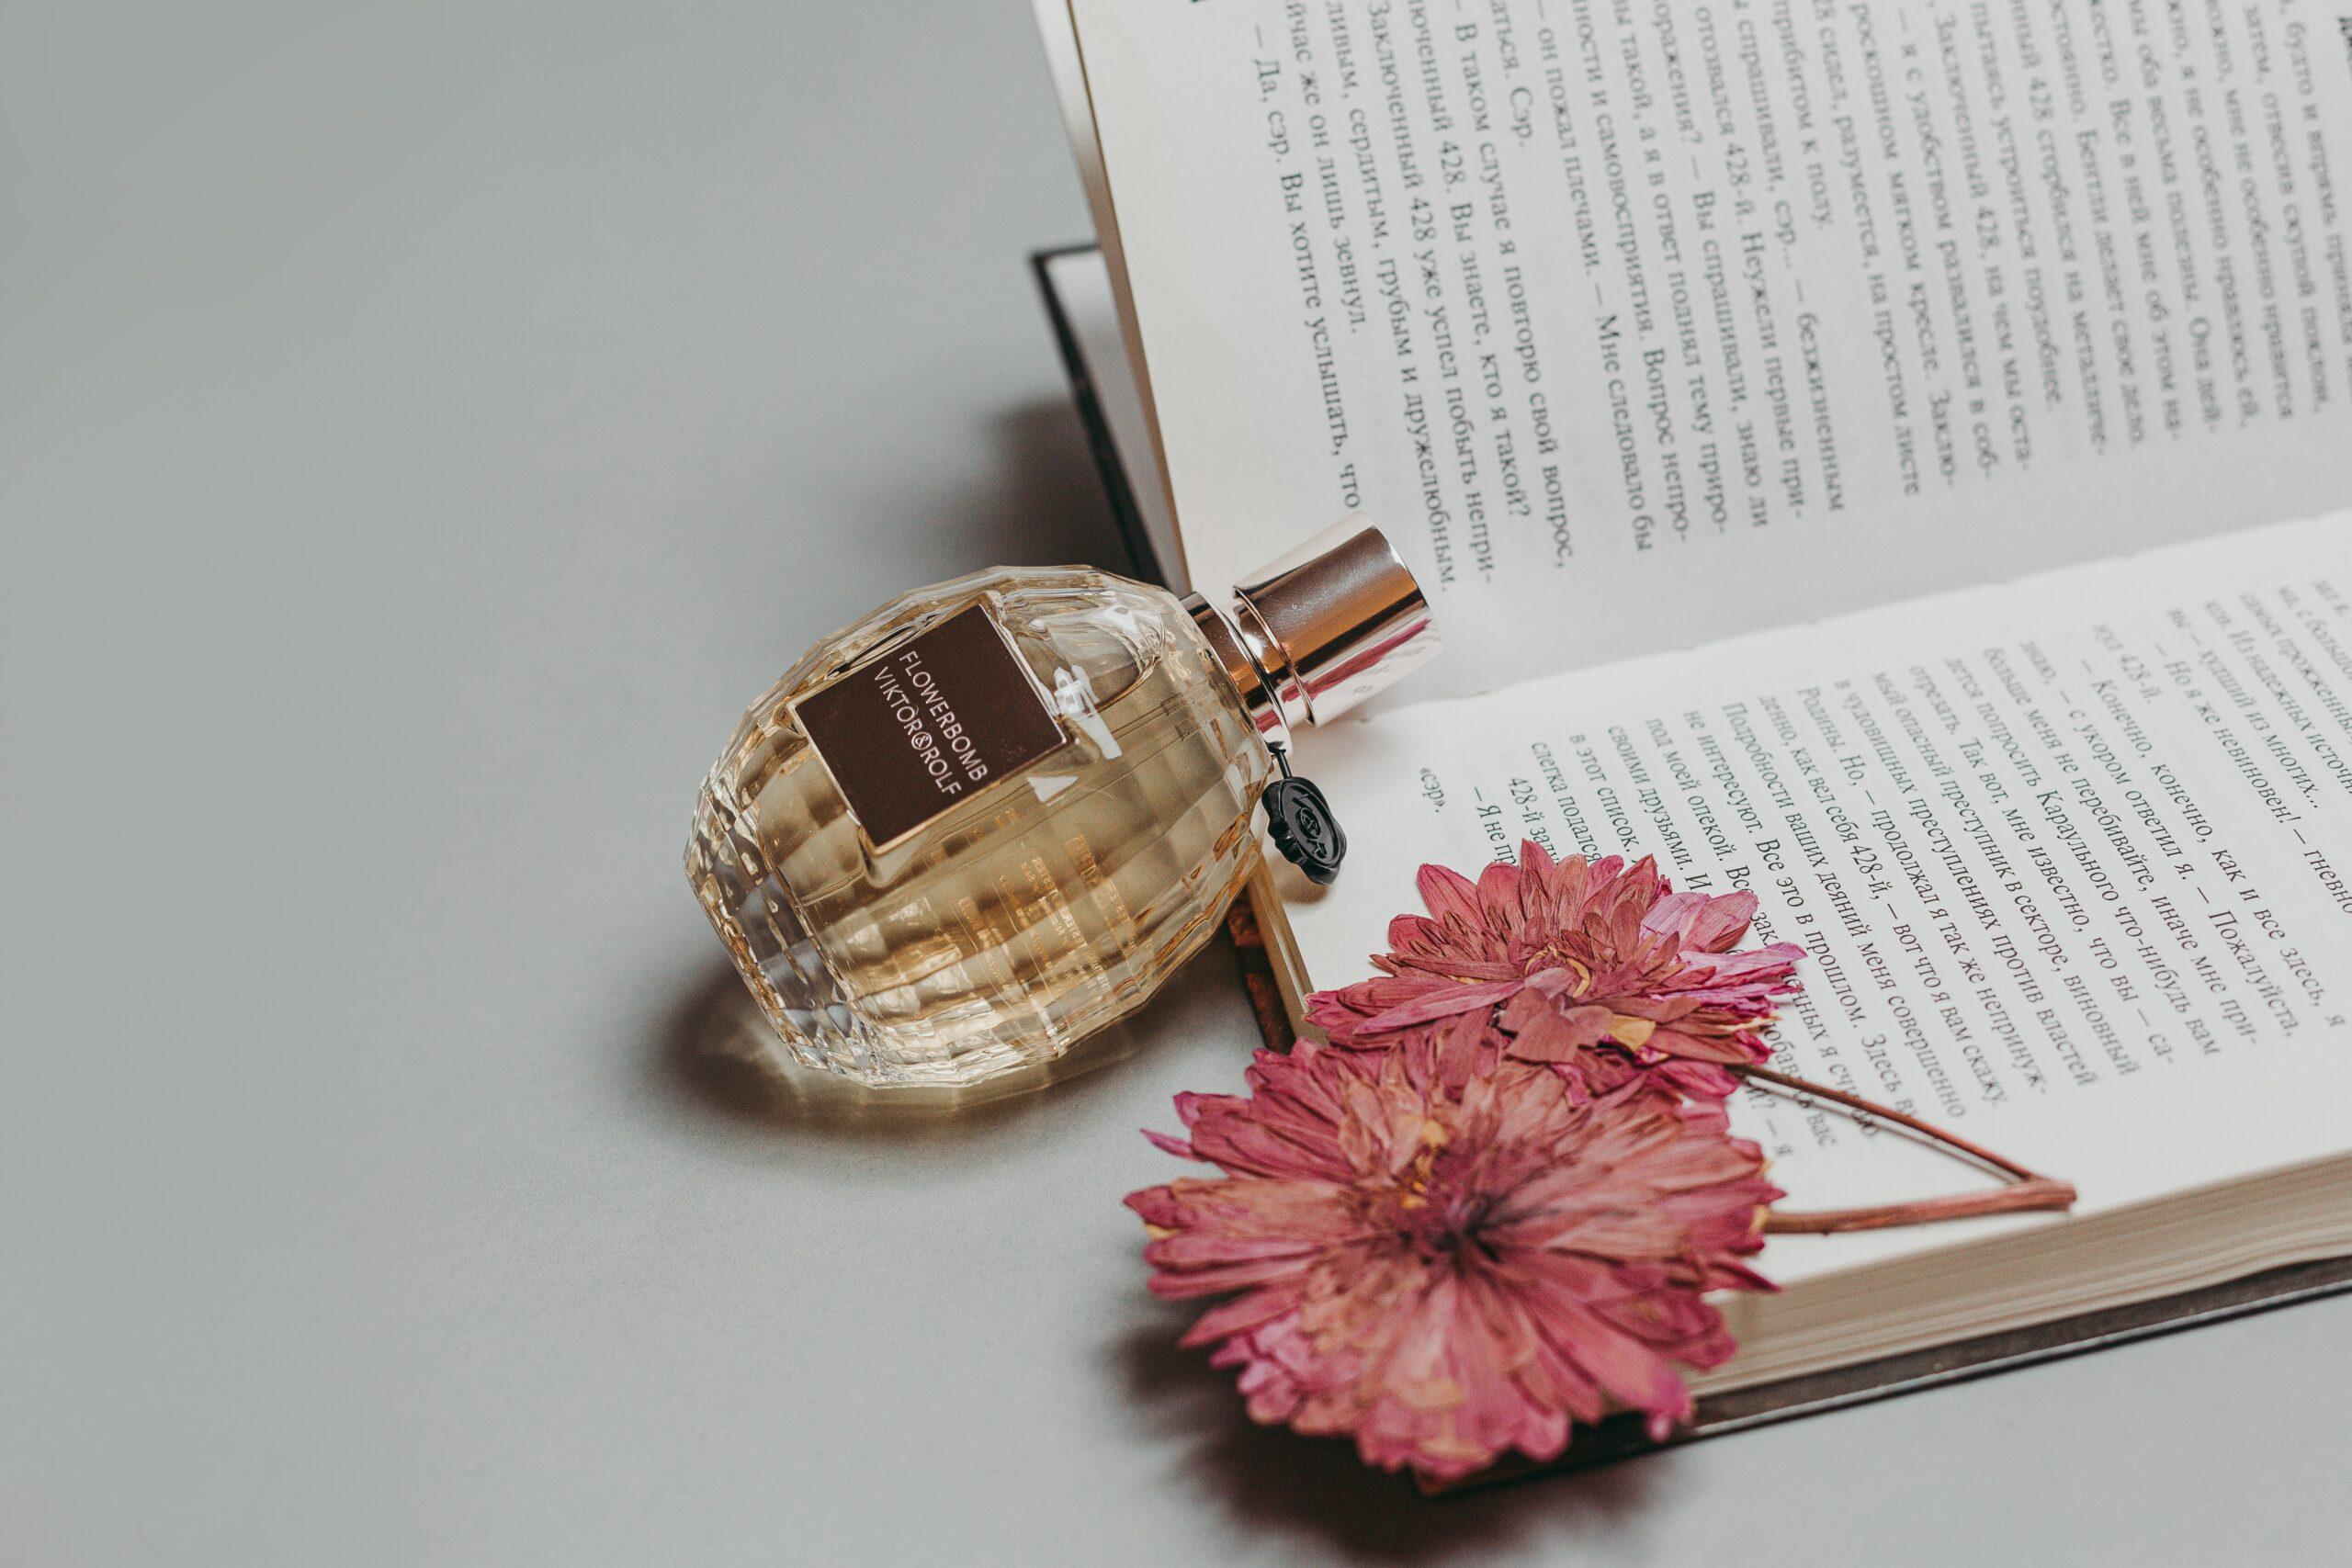 4 perfumes lanzados en 2021 que ya son furor